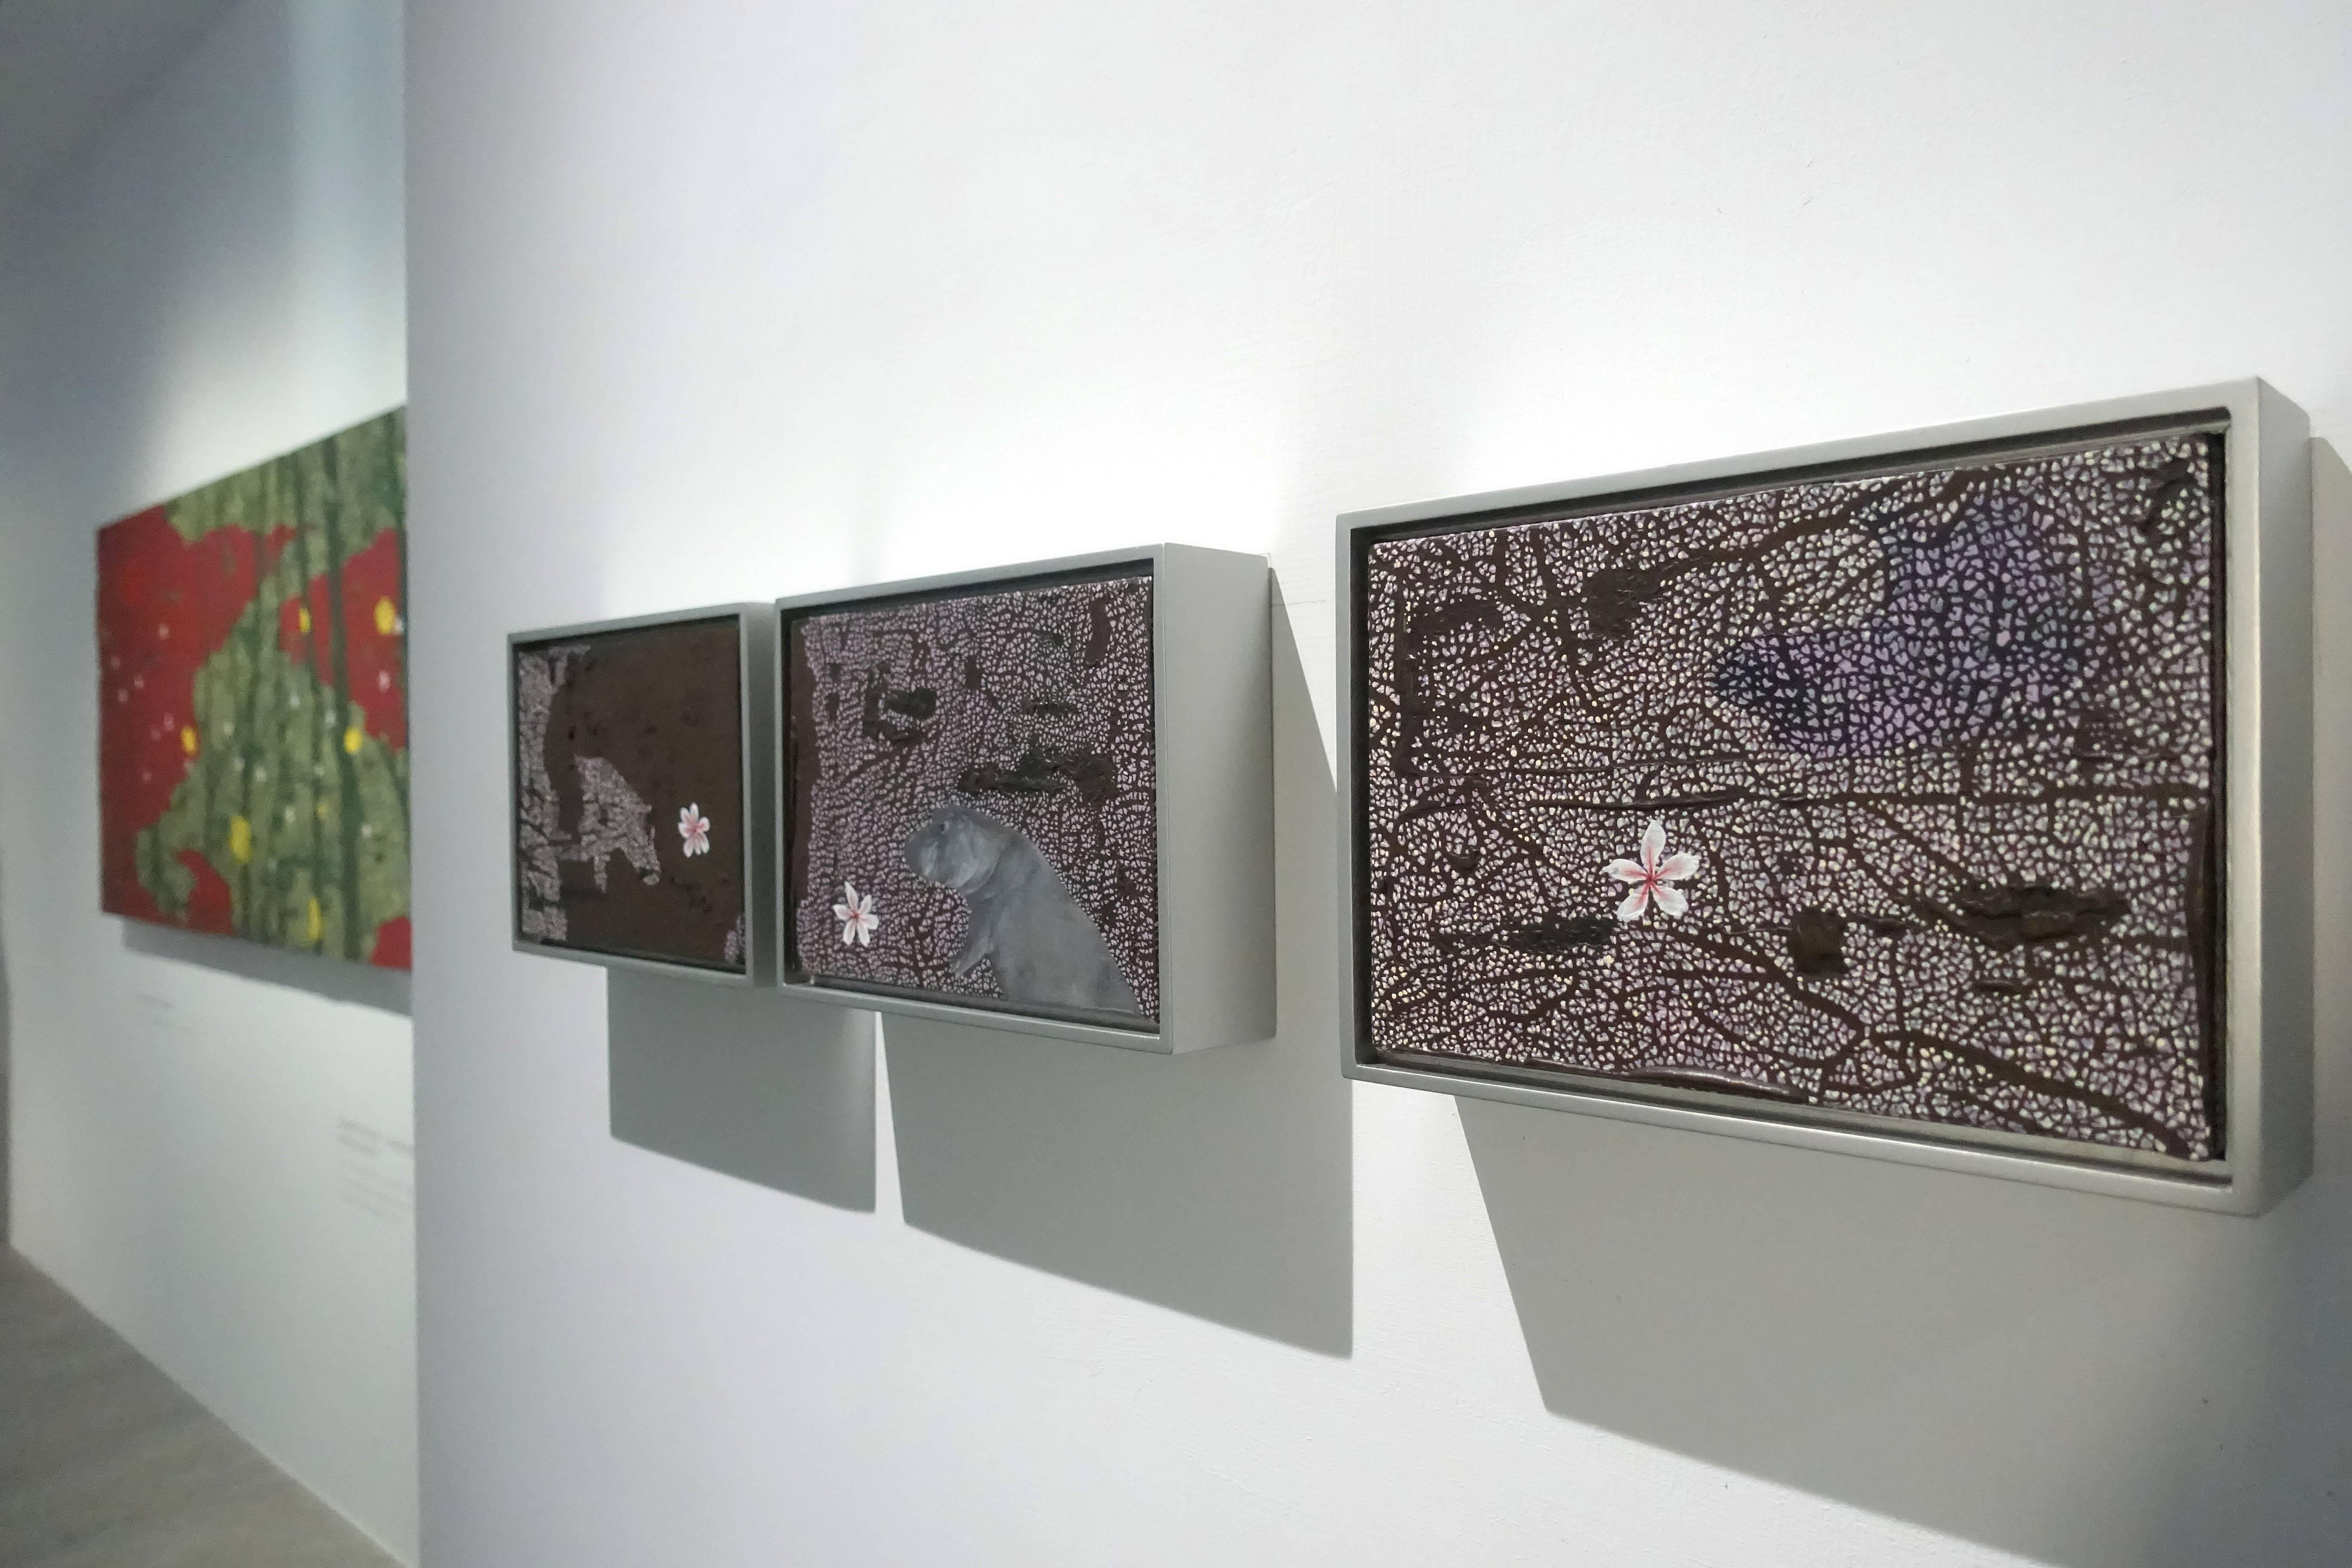 華裝舞會-傅作新個展於大雋藝術現場展出一隅。